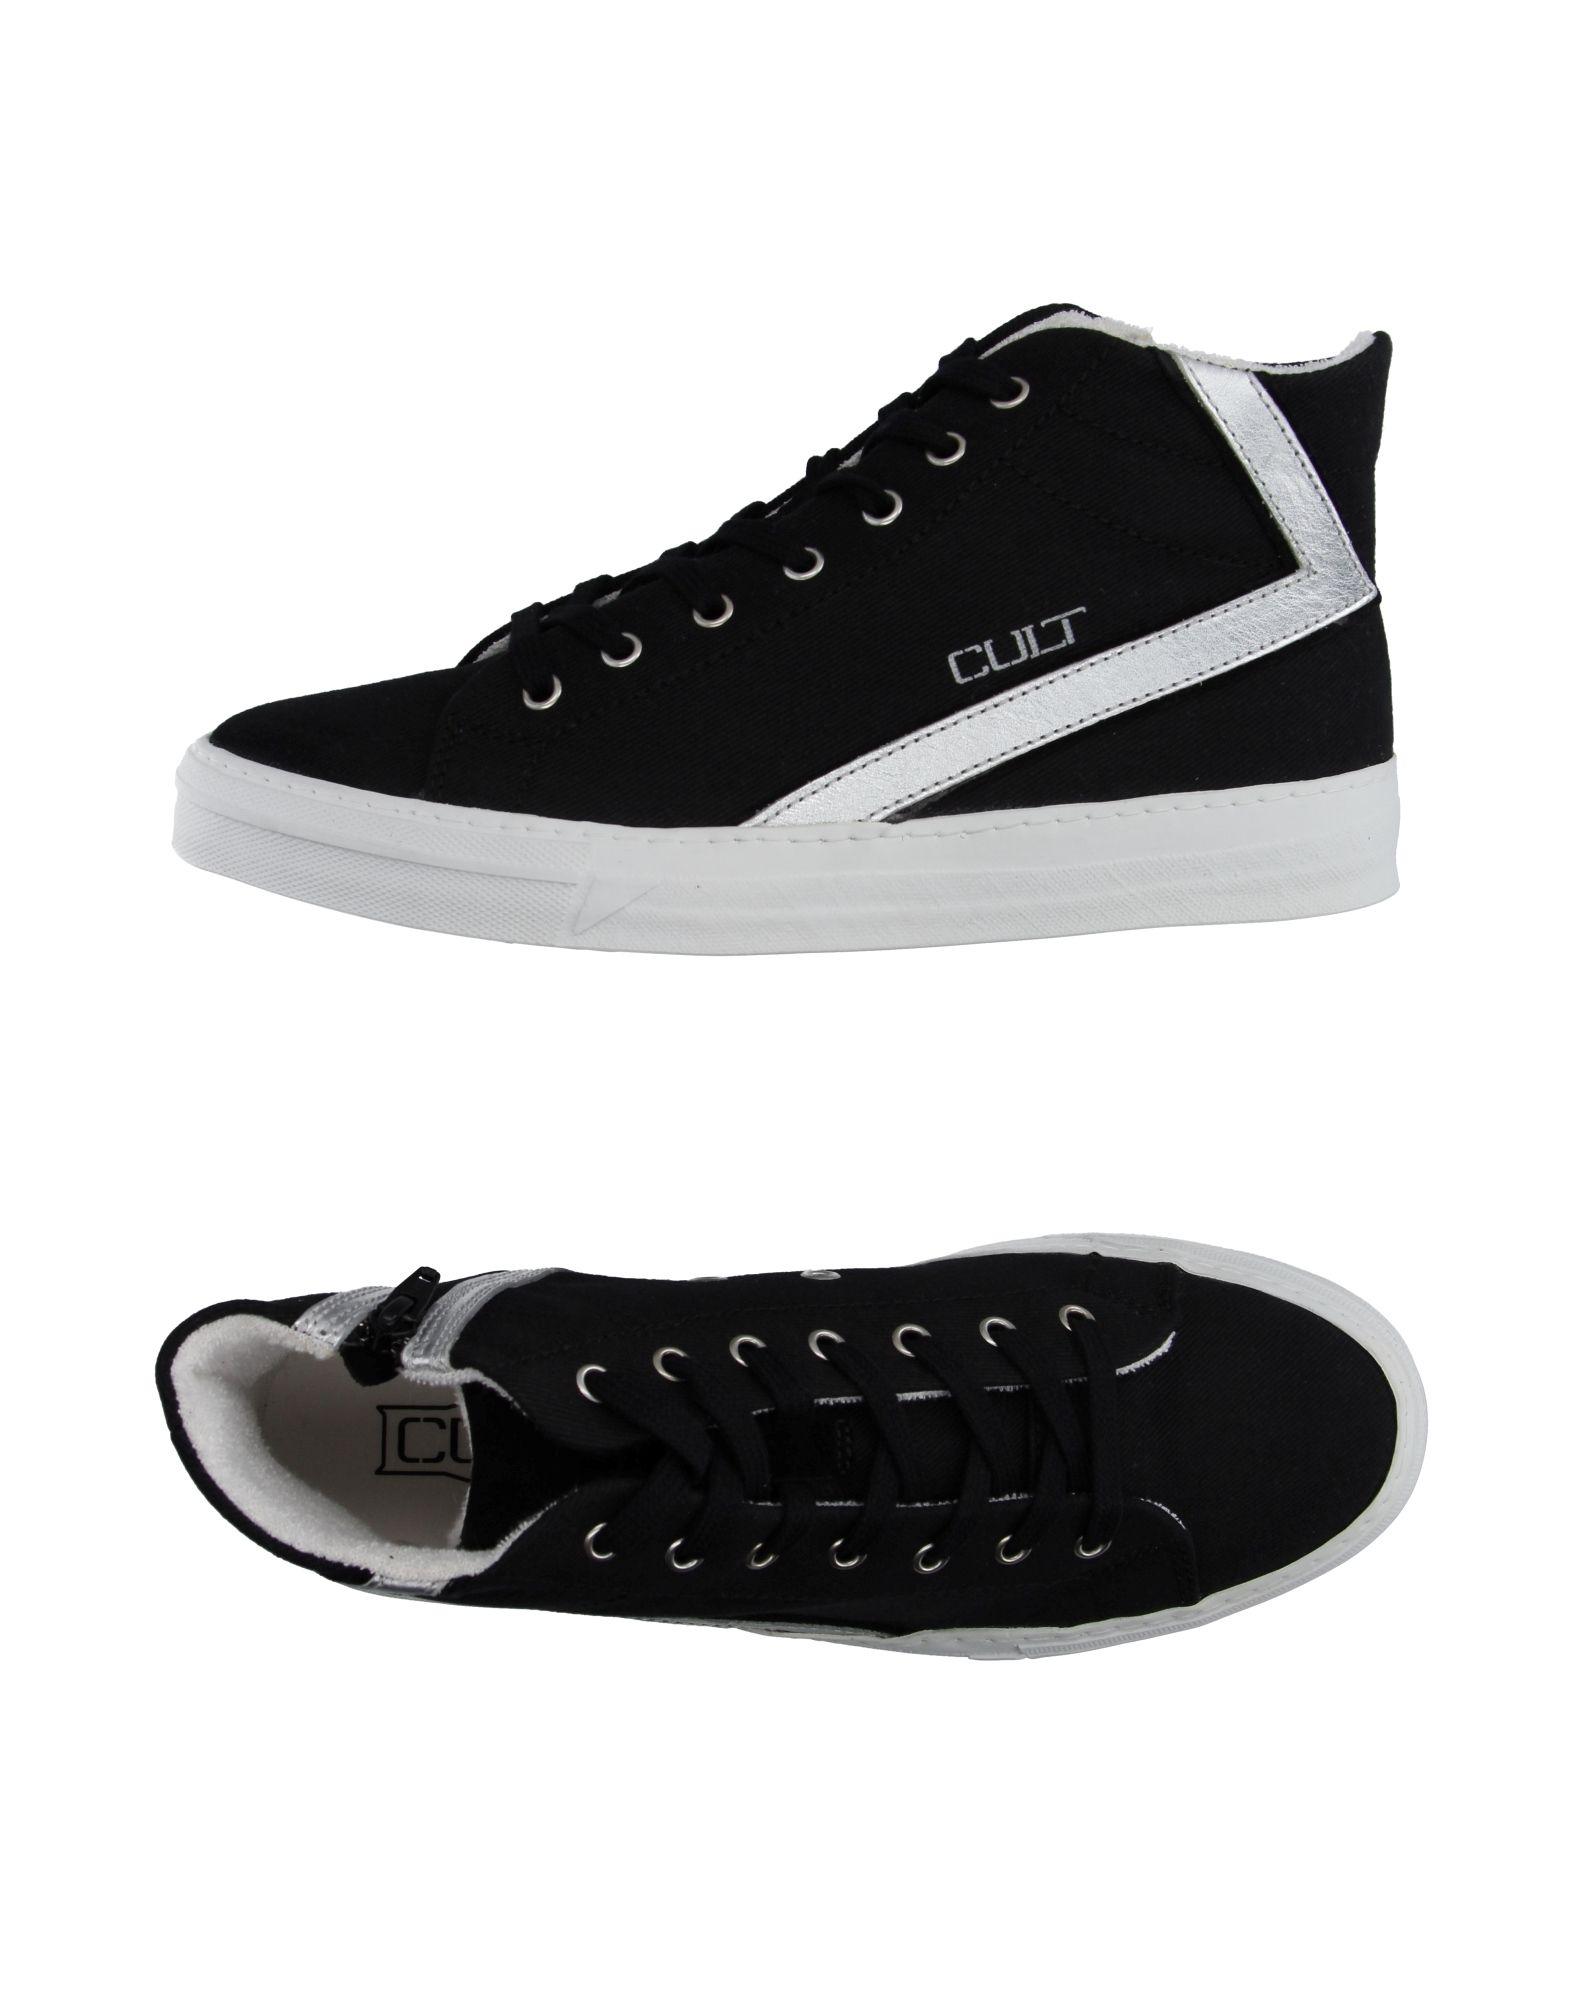 Sneakers Cult Uomo - 11088371JS Scarpe economiche e buone